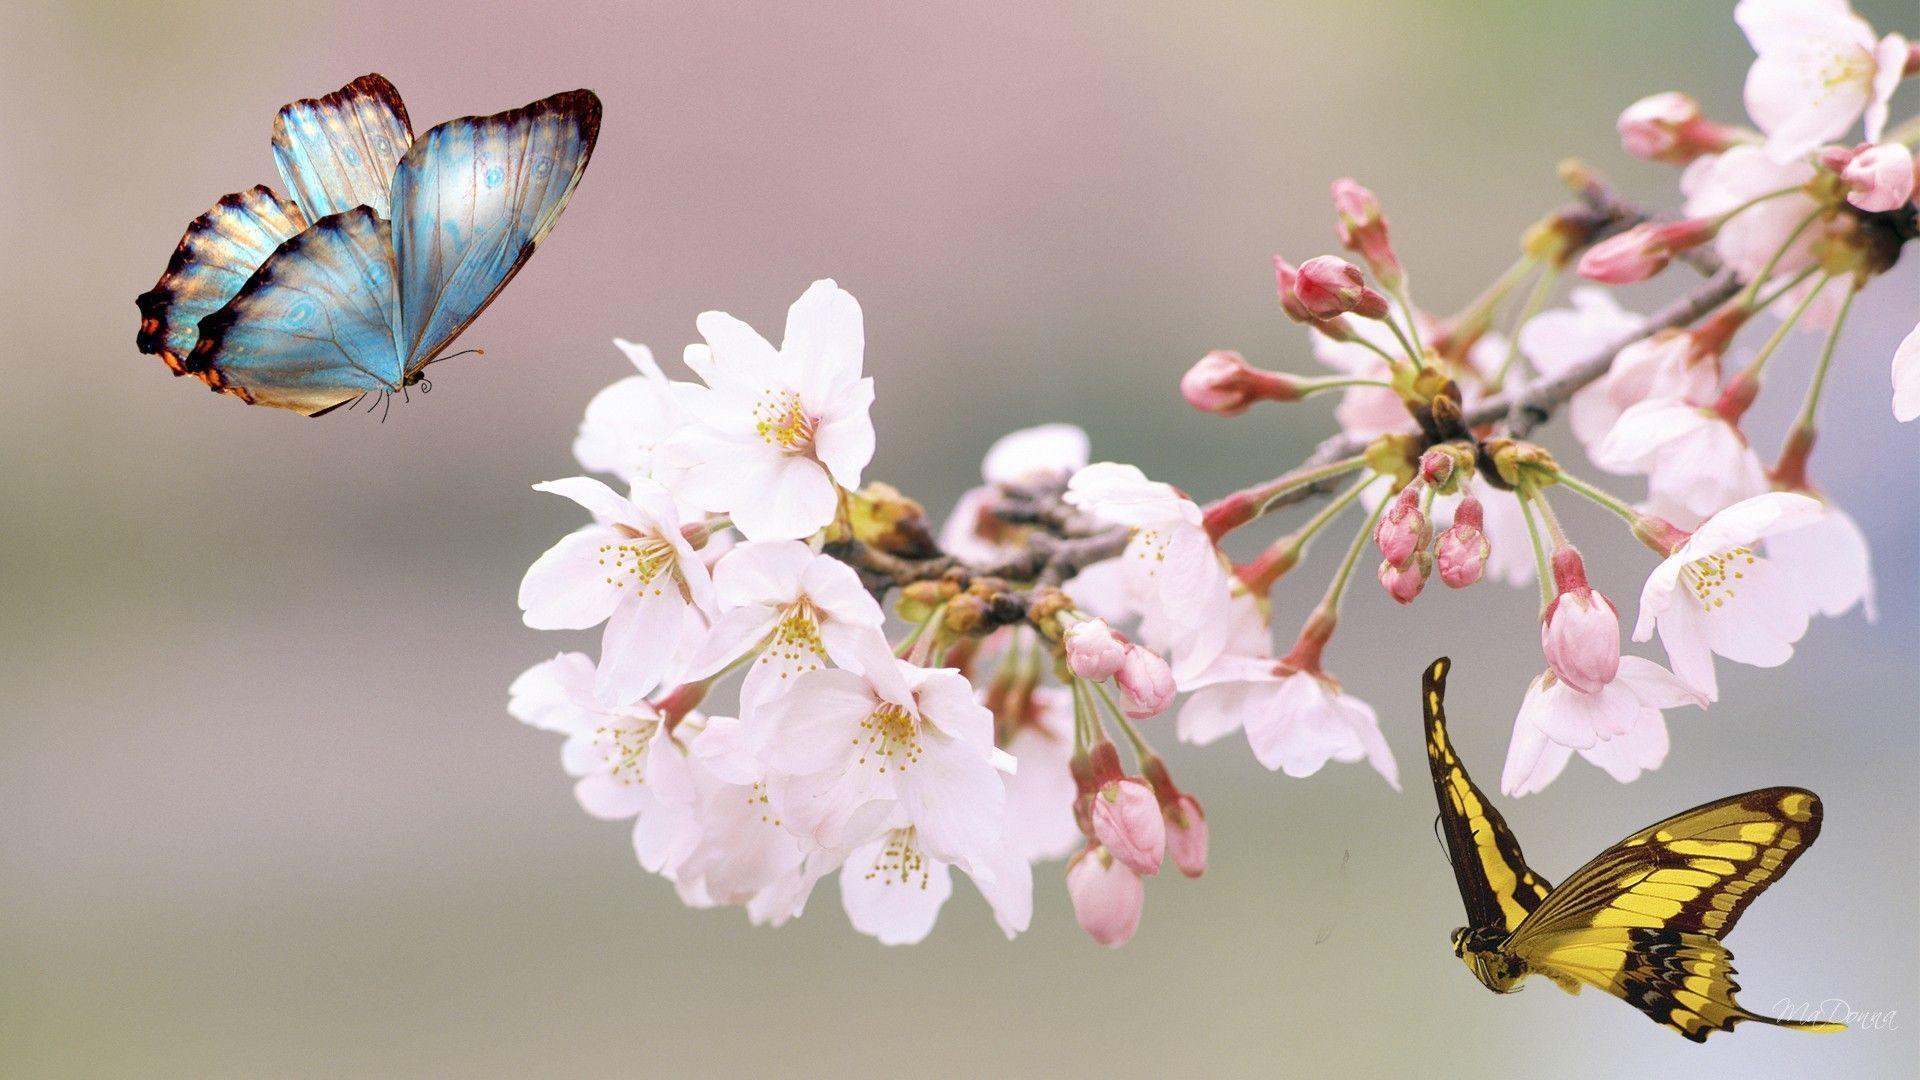 1920x1080 Sakura Tree Butterfly Flowers Nhật Bản Mùa hè miễn phí HD - Hoa anh đào và bướm - Hình nền 1920x1080 - teahub.io